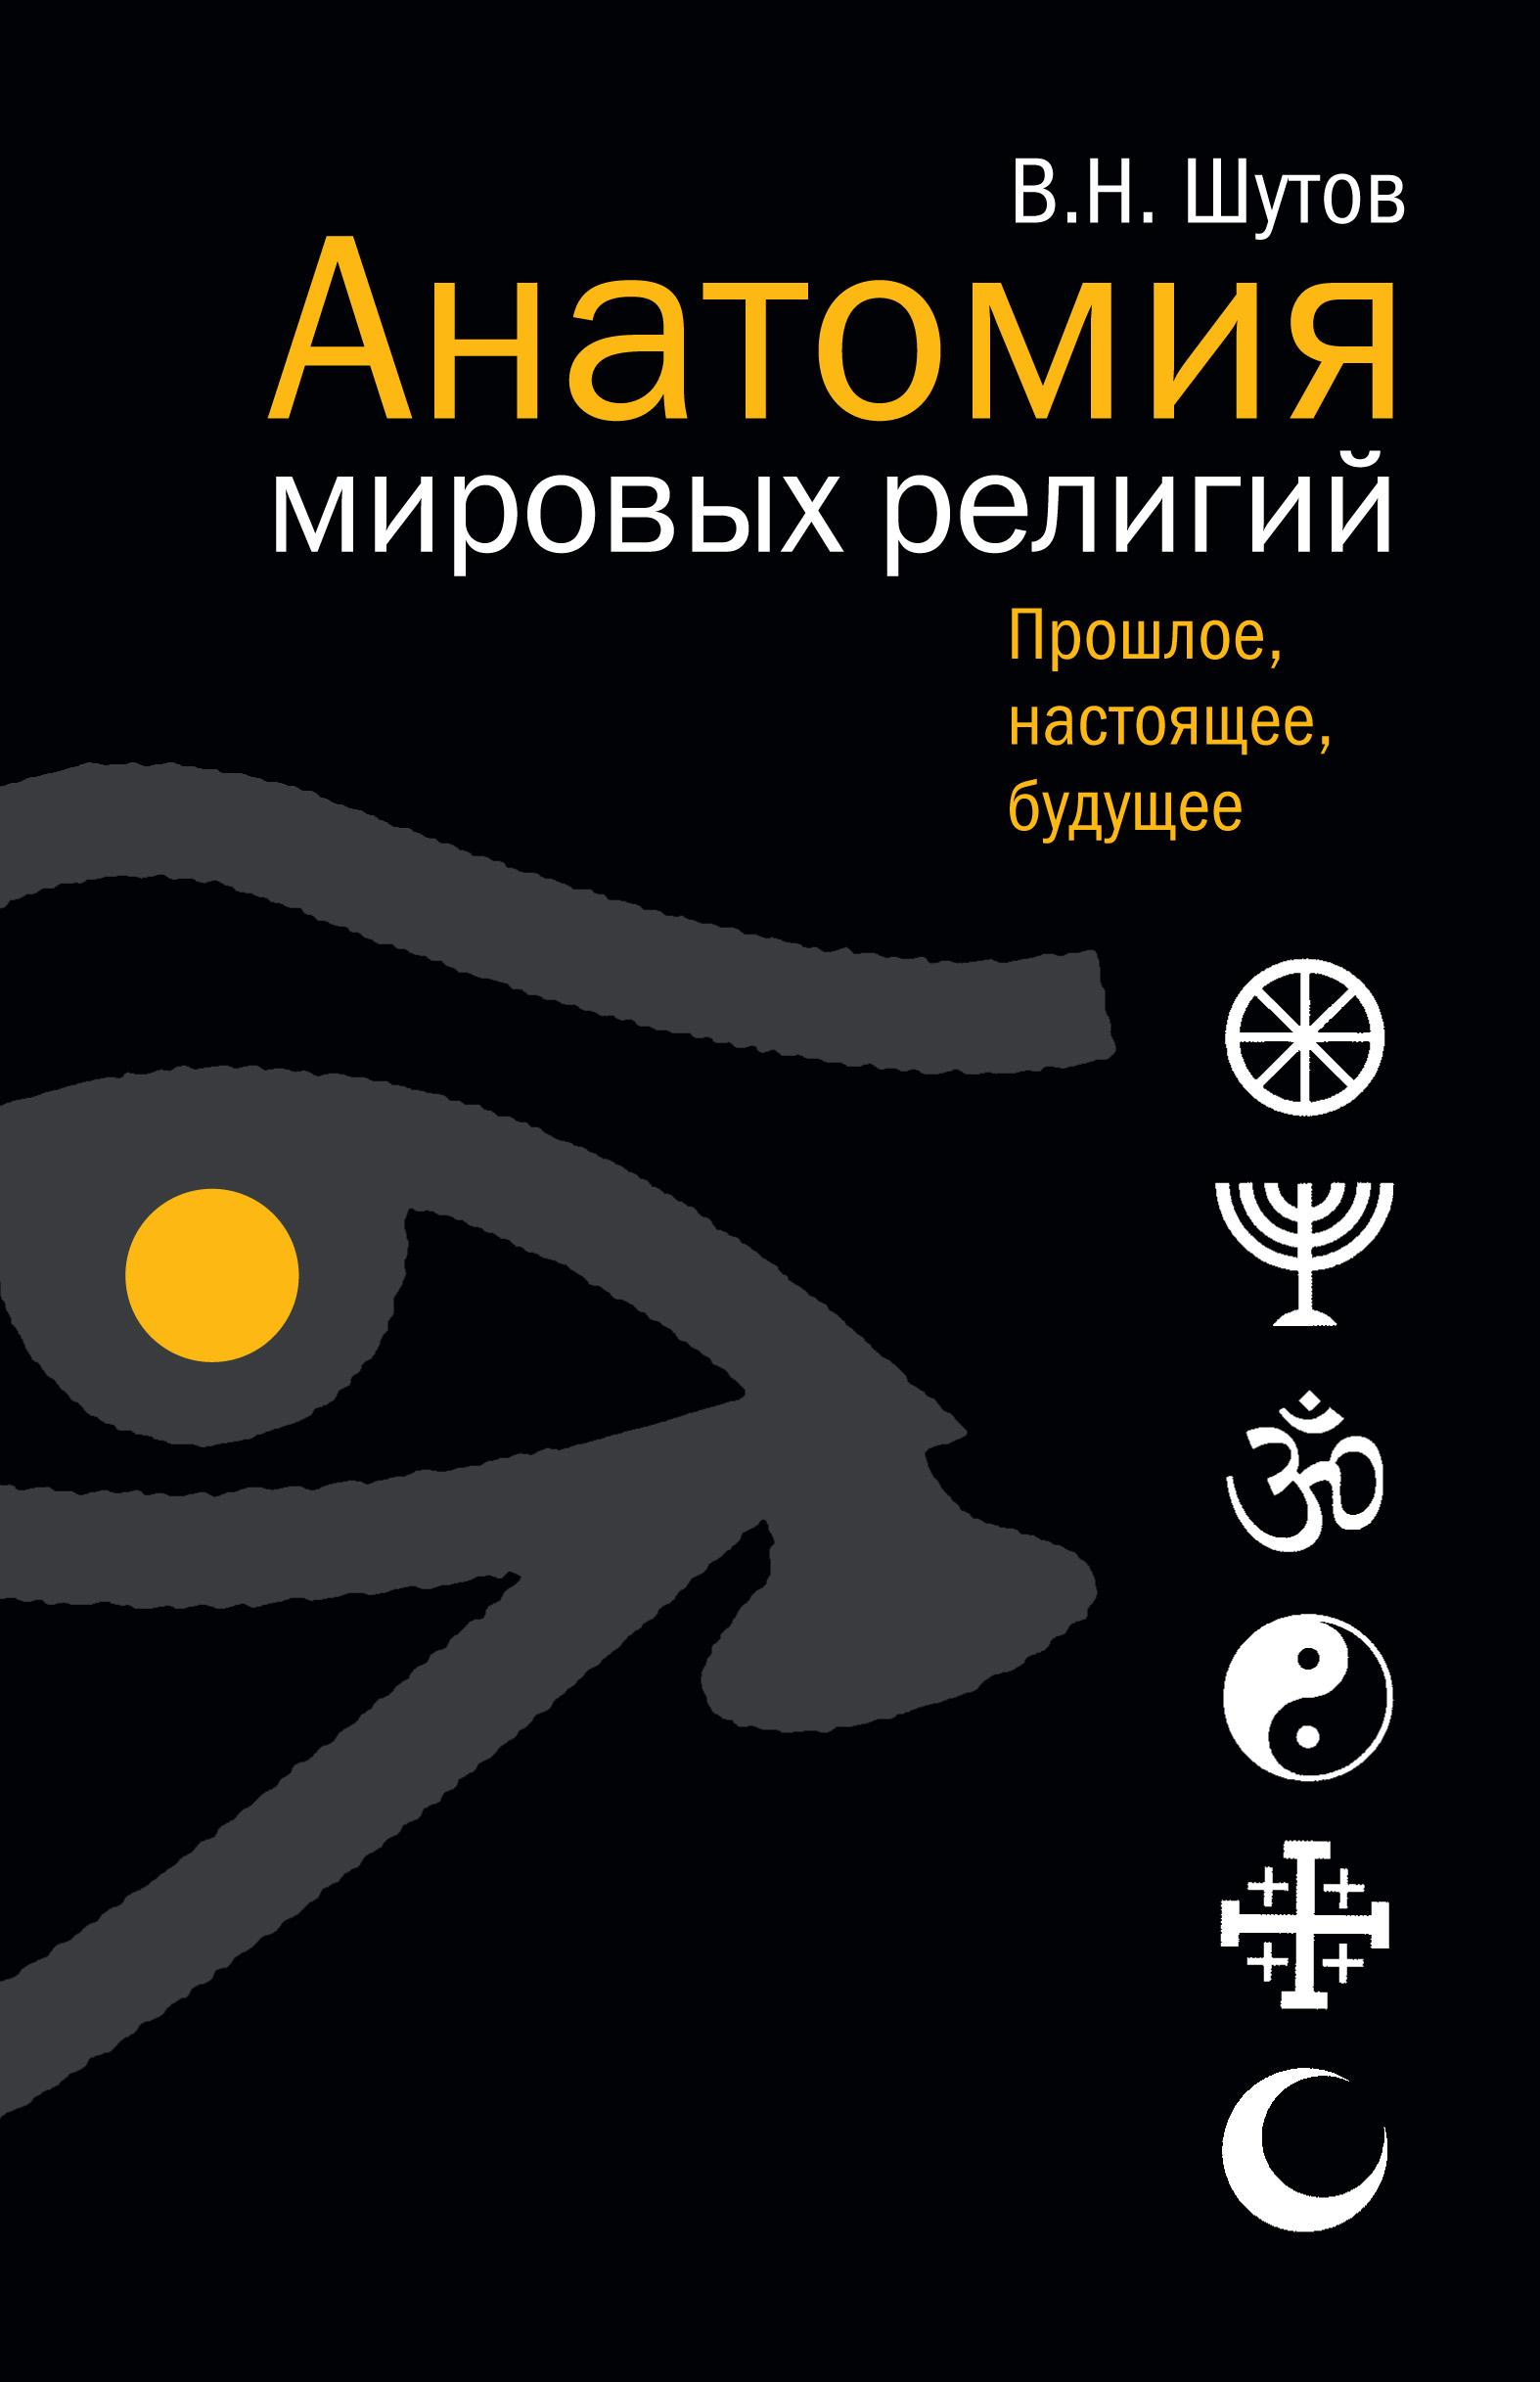 Владимир Шутов Анатомия мировых религий: Прошлое, настоящее, будущее